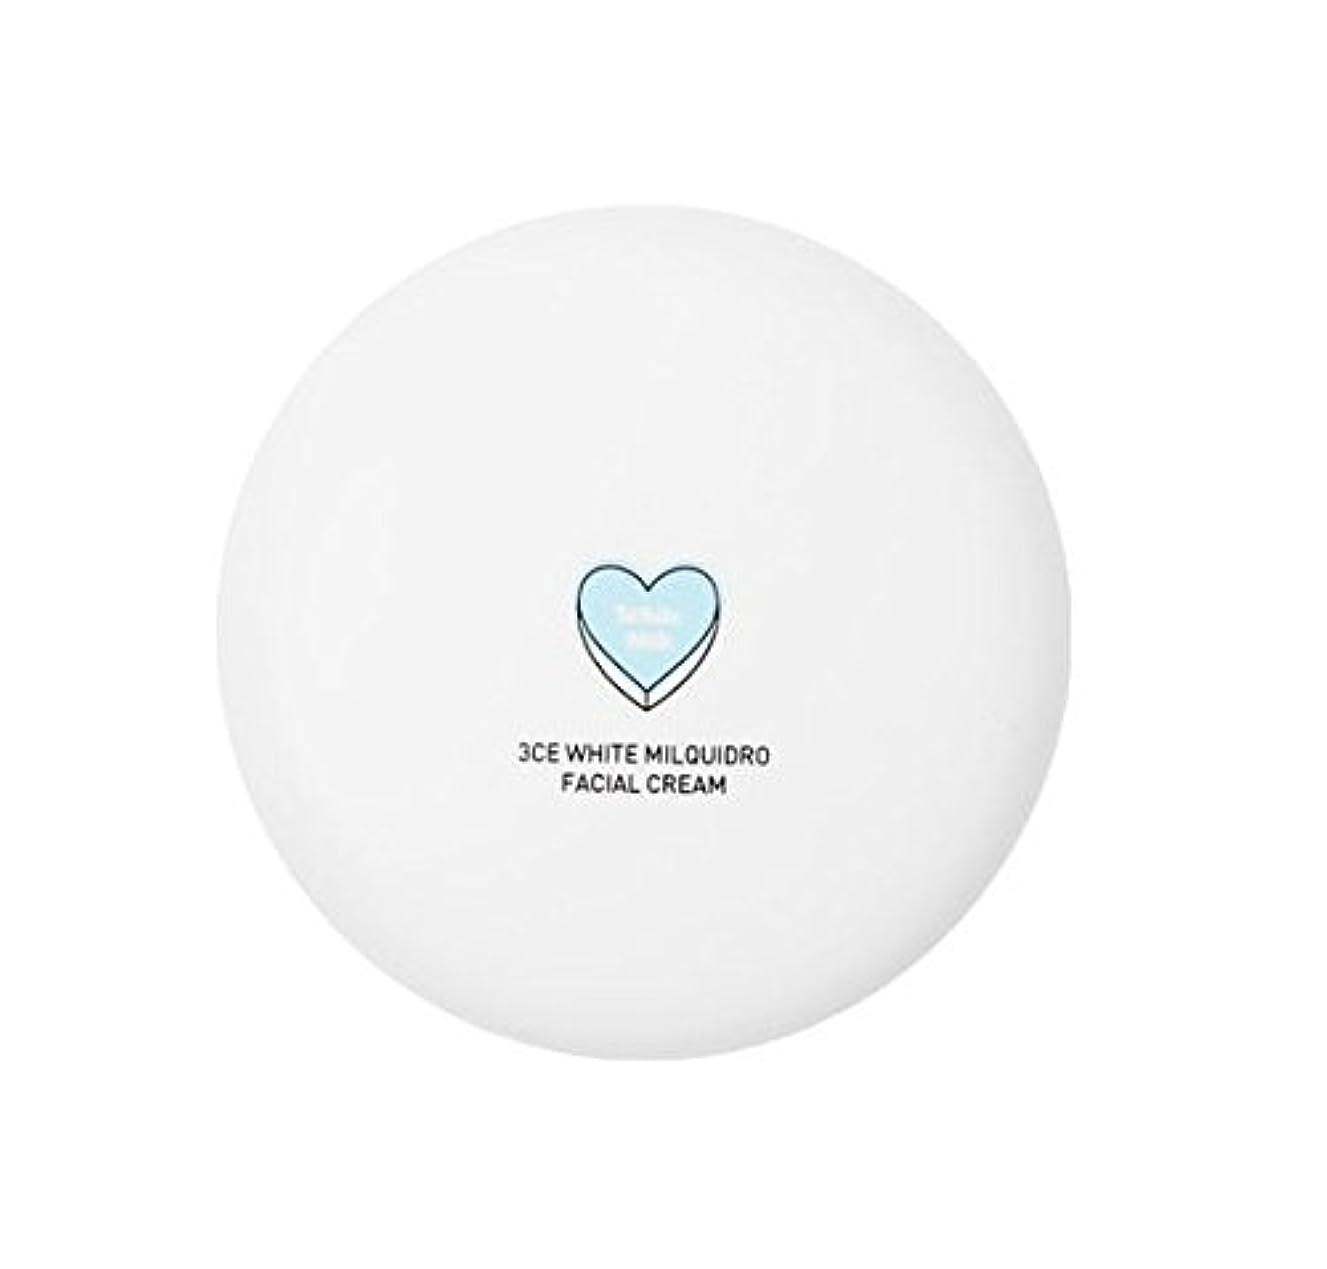 署名痛み道徳の3CE WHITE MILQUIDRO FACIAL CREAM 50ml / 3CE ホワイトミルクウィドローフェイシャルクリーム [並行輸入品]